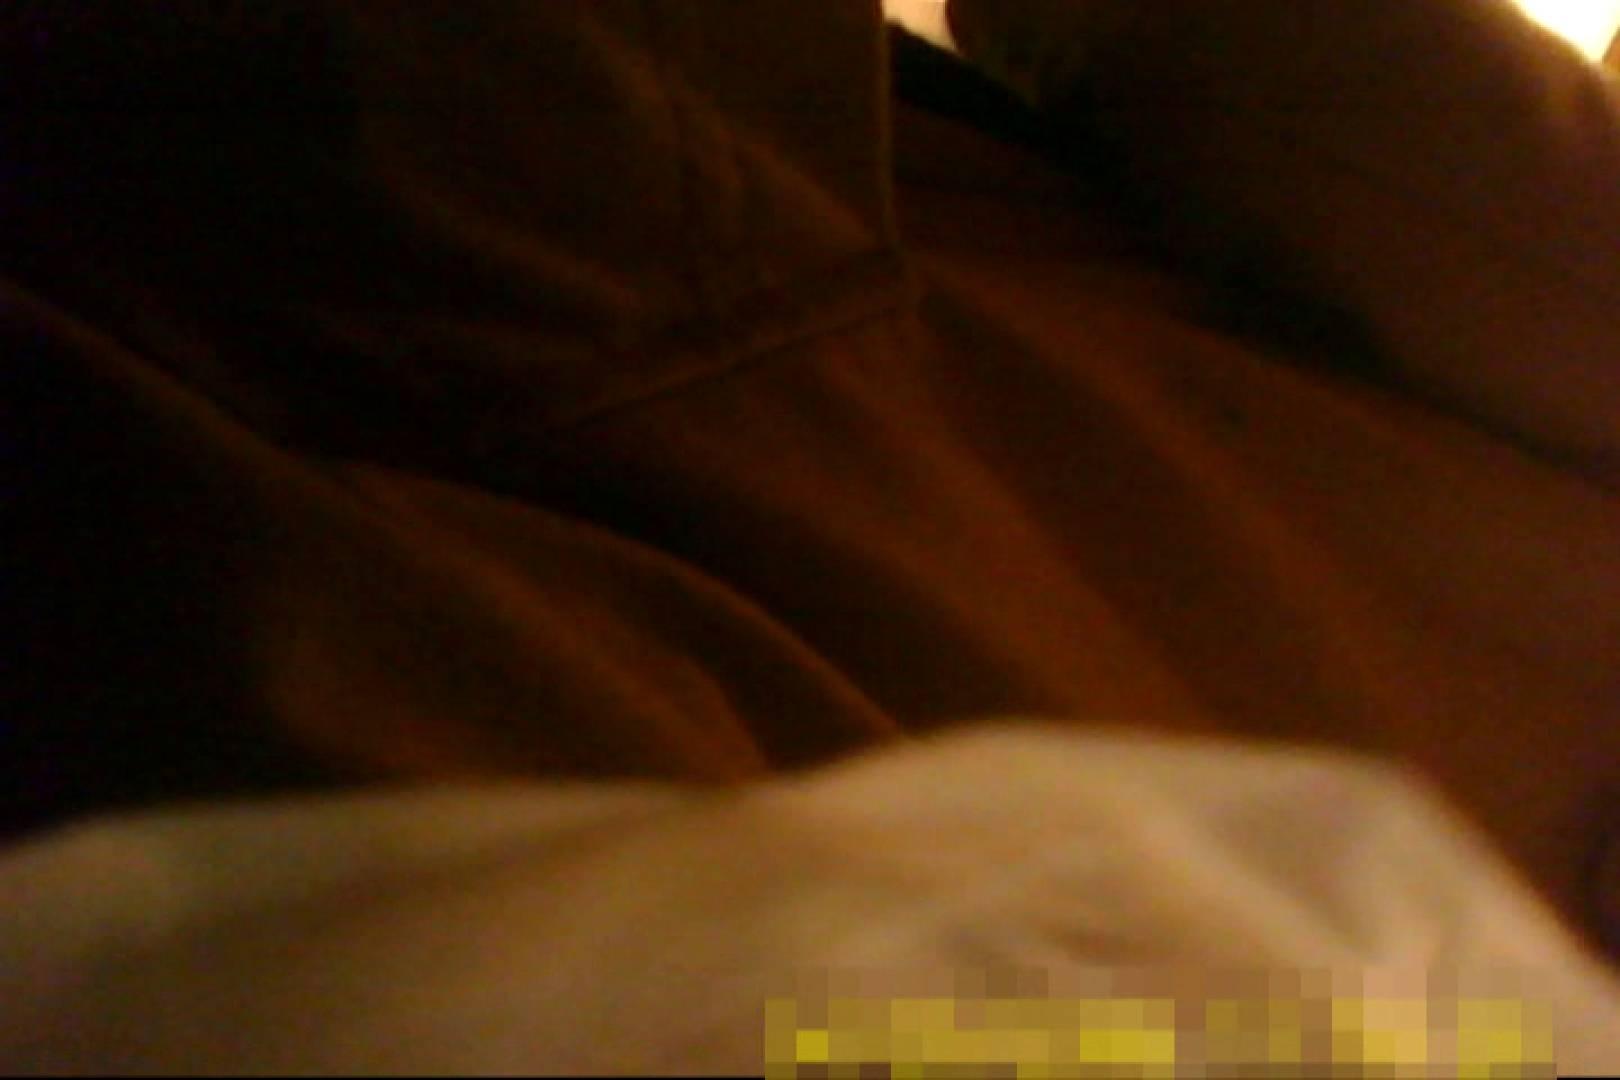 魅惑の化粧室~禁断のプライベート空間~vol.8 エッチなOL おめこ無修正画像 103pic 98